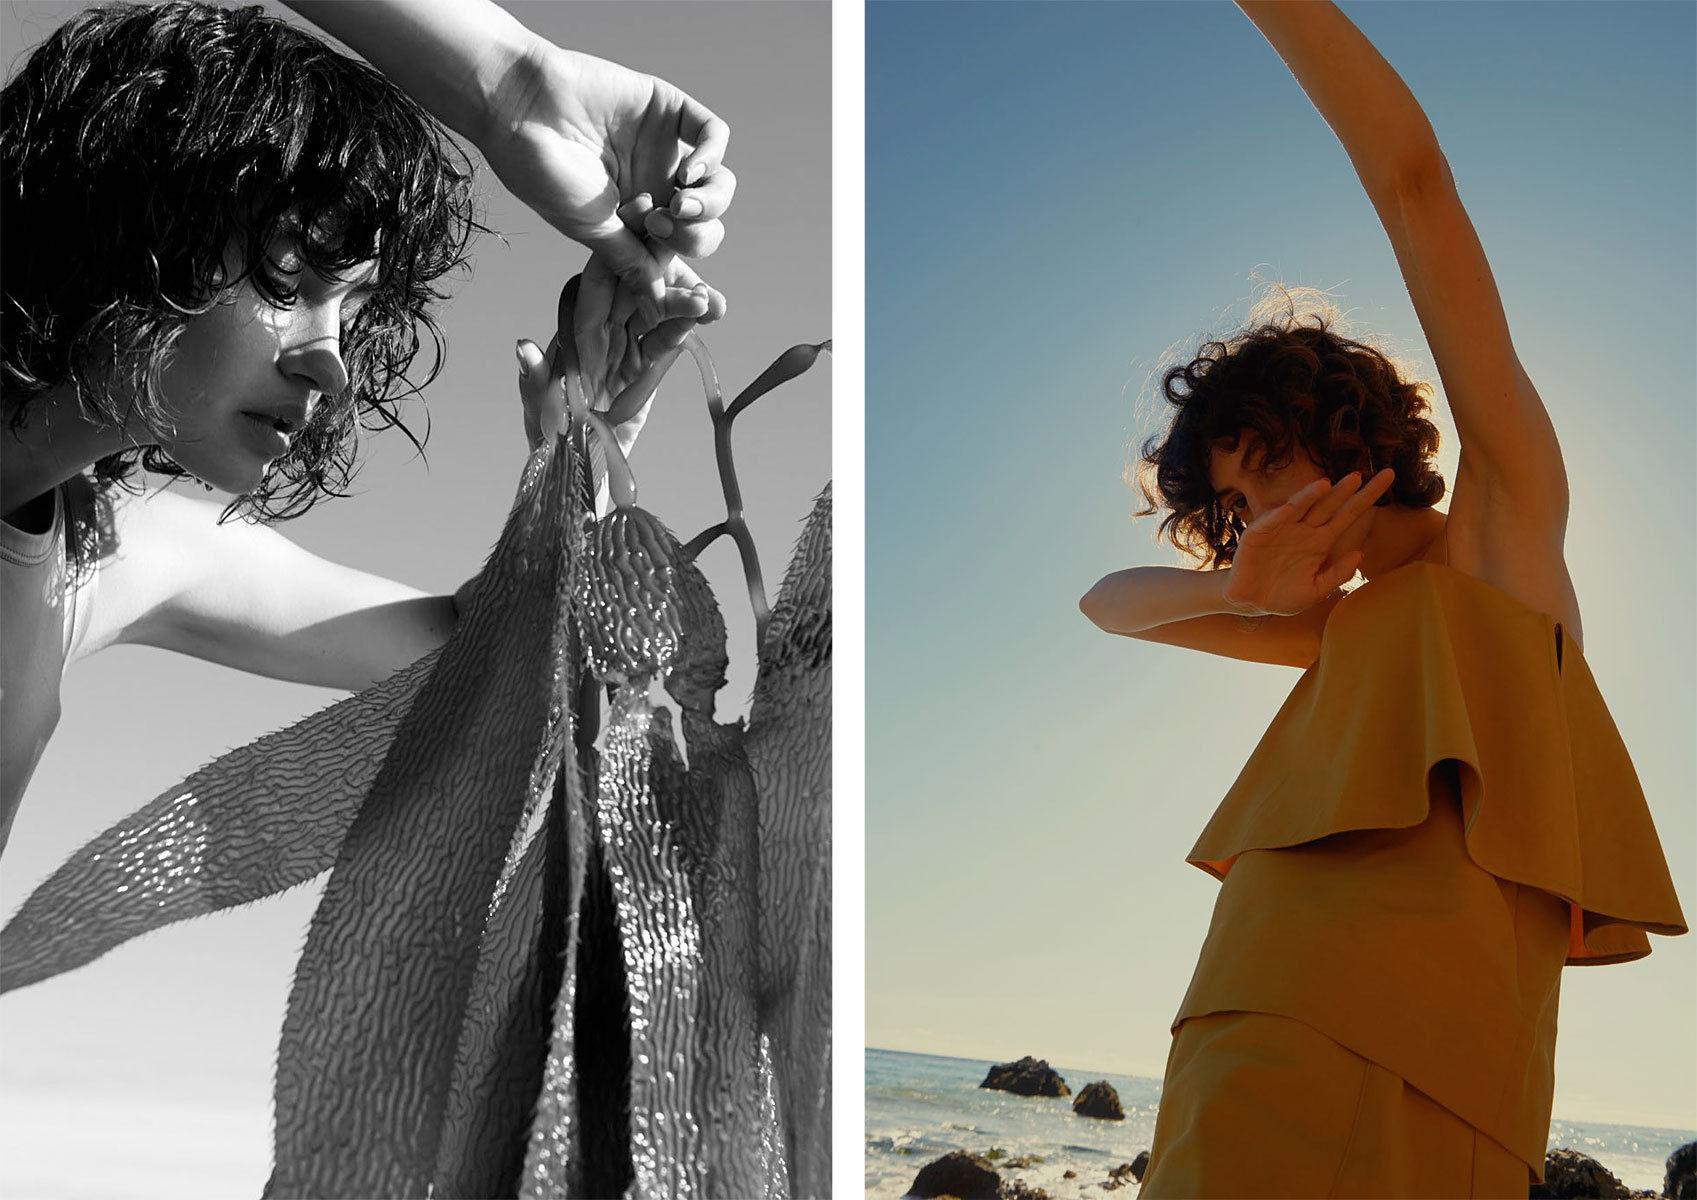 NINA KLEIN, Elke Dostal & Carolin Jarchow for Vogue Ukraine